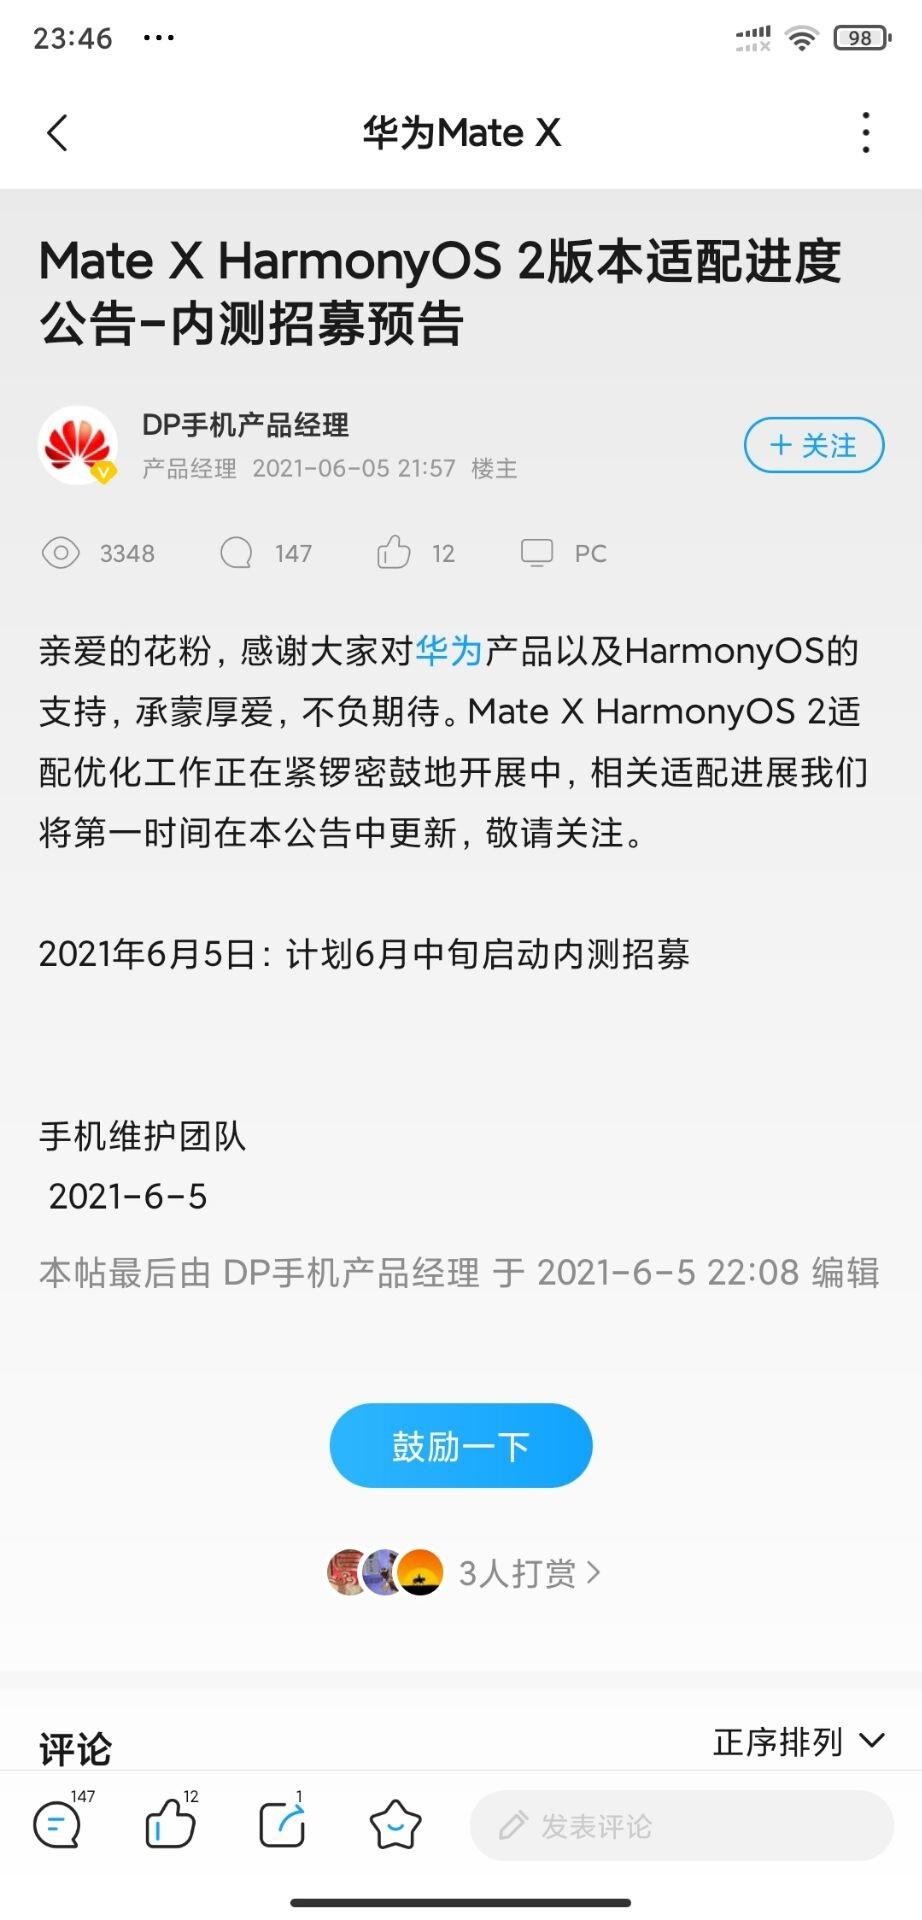 Mate X HarmonyOS 2 Beta